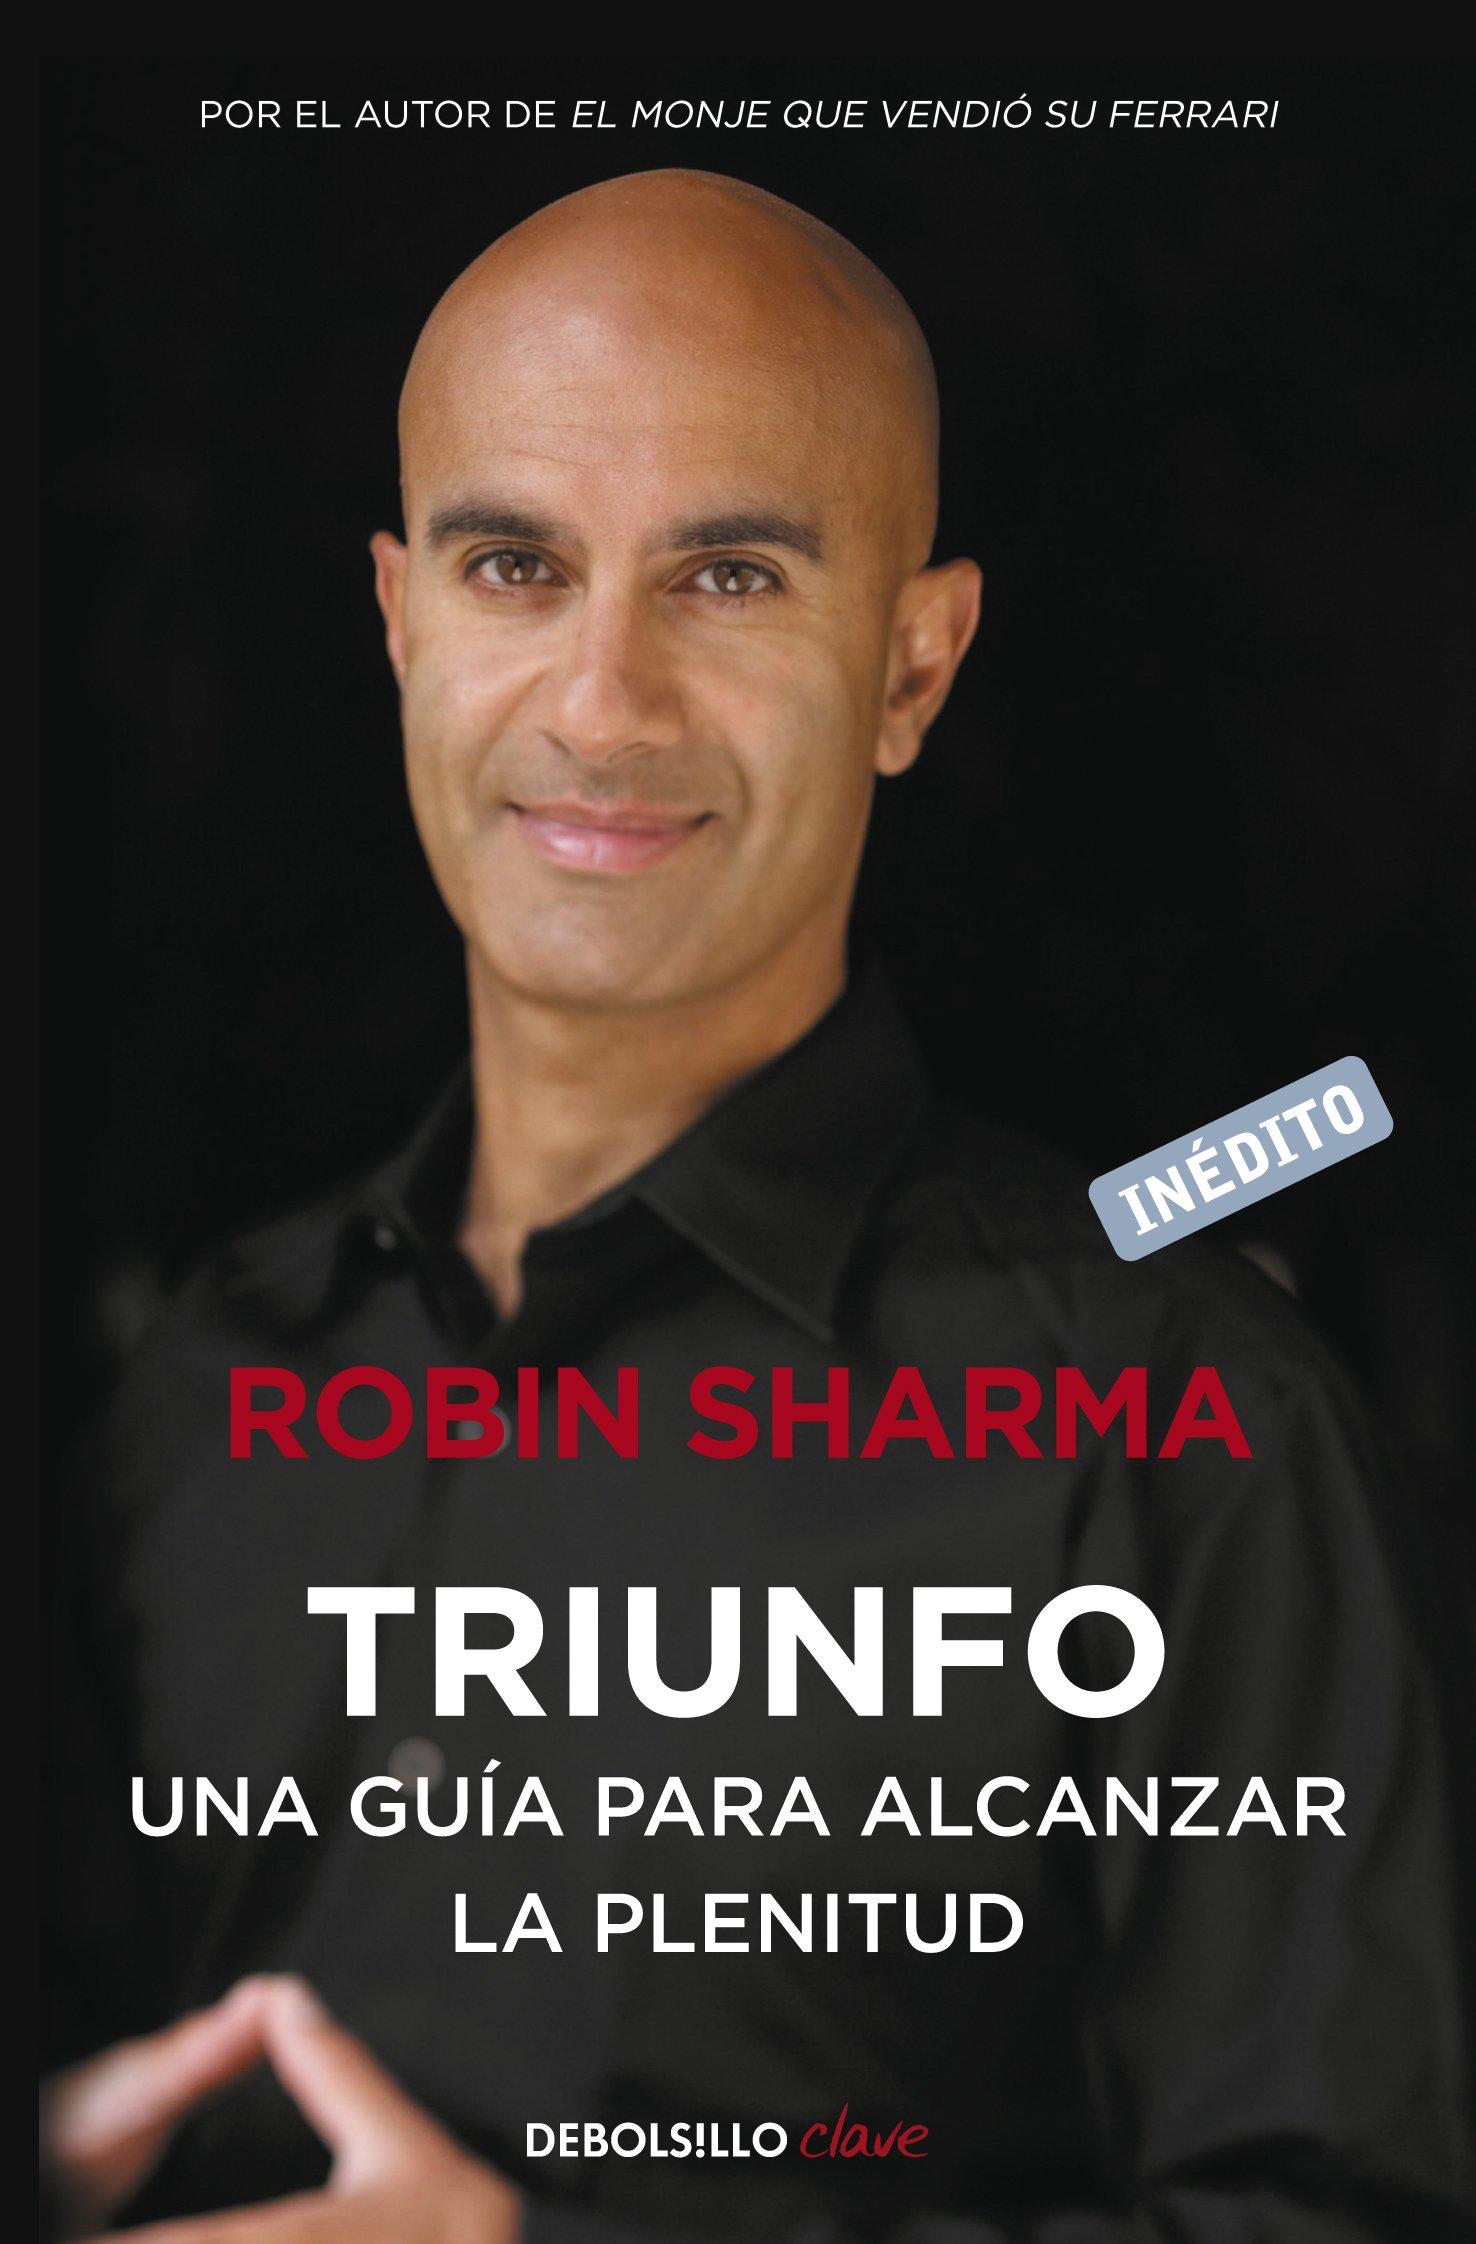 Robin Sharma libros para leer o regalar